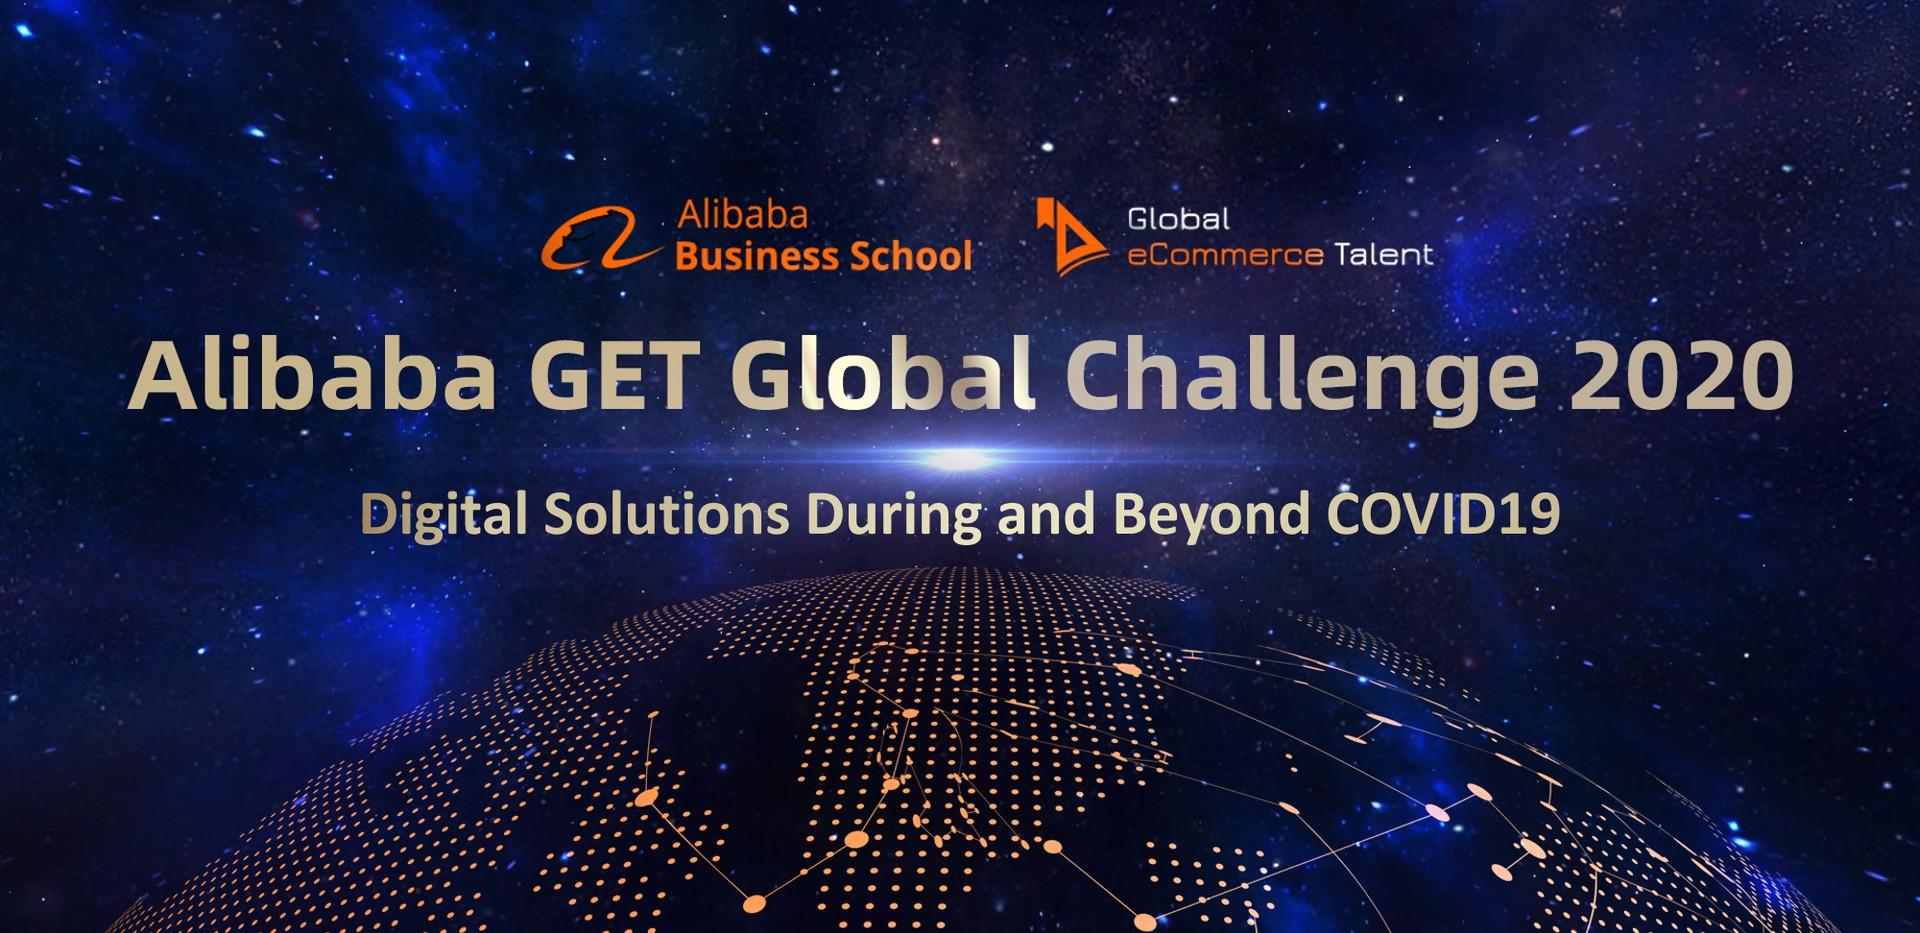 Alibaba 2020 GET Global Challenge Result